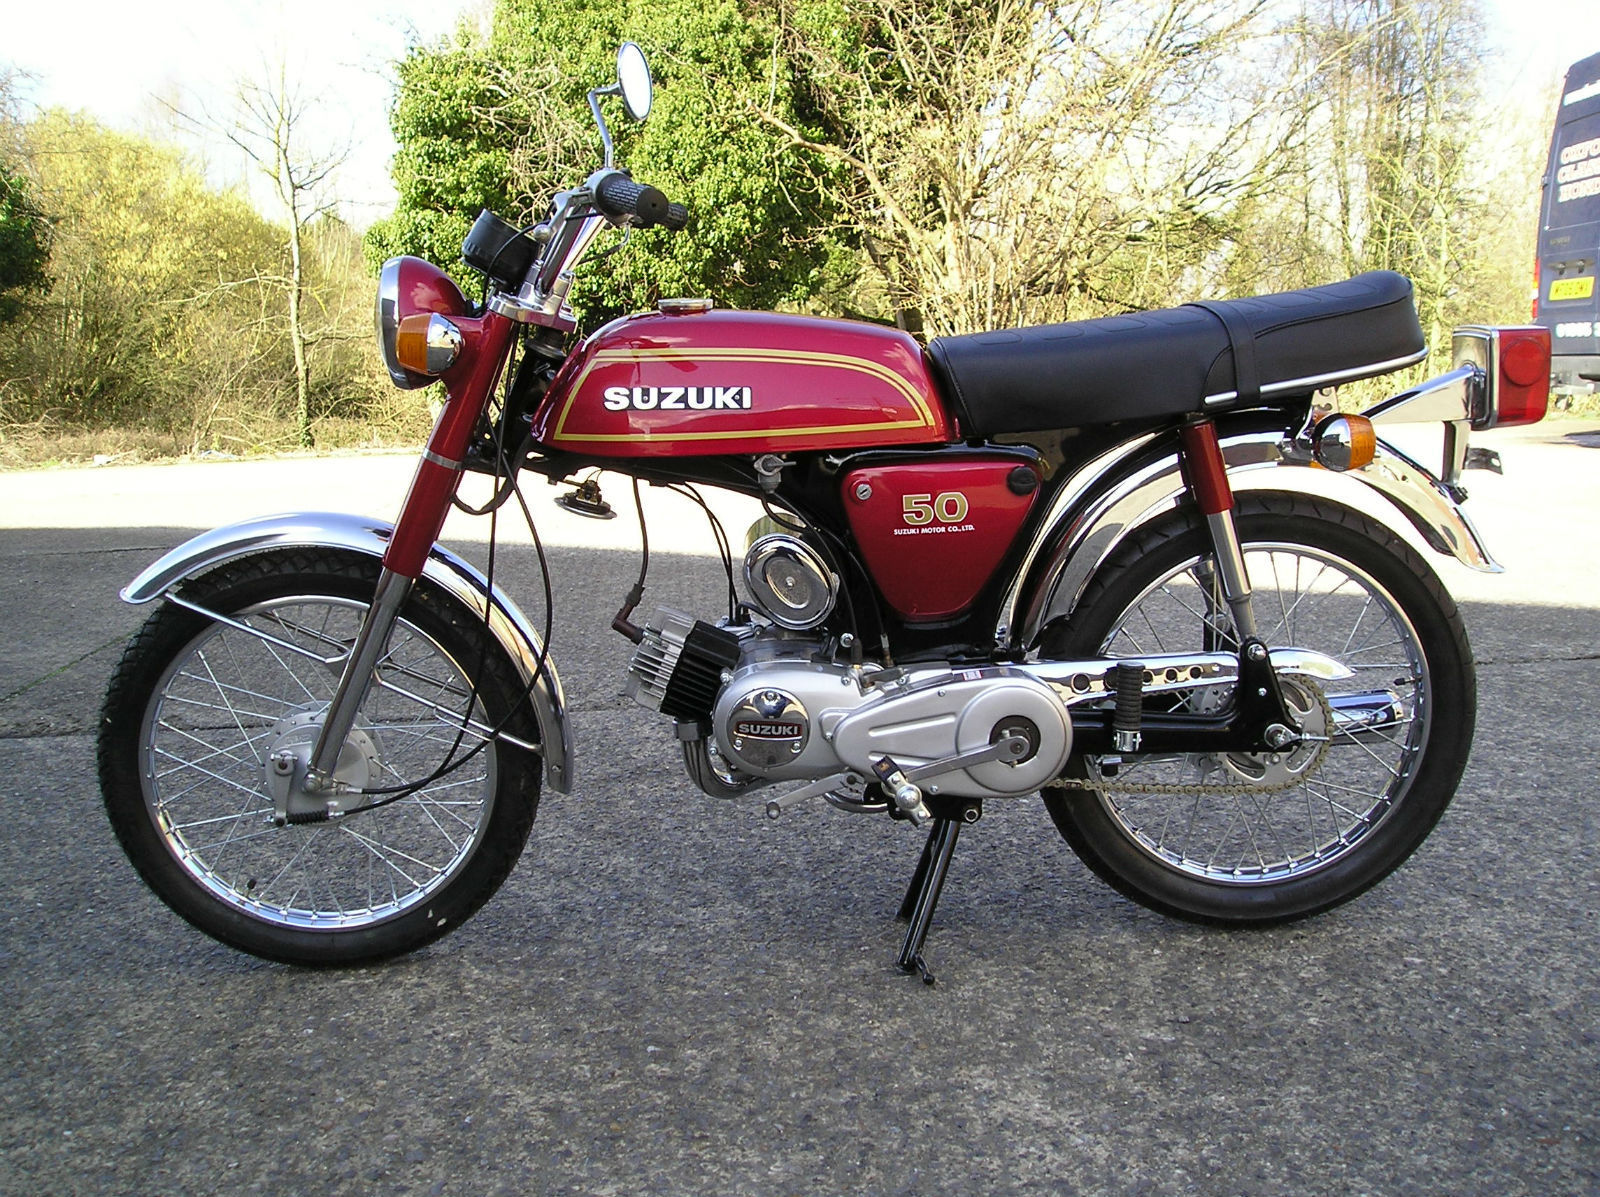 Suzuki AP50 -1976